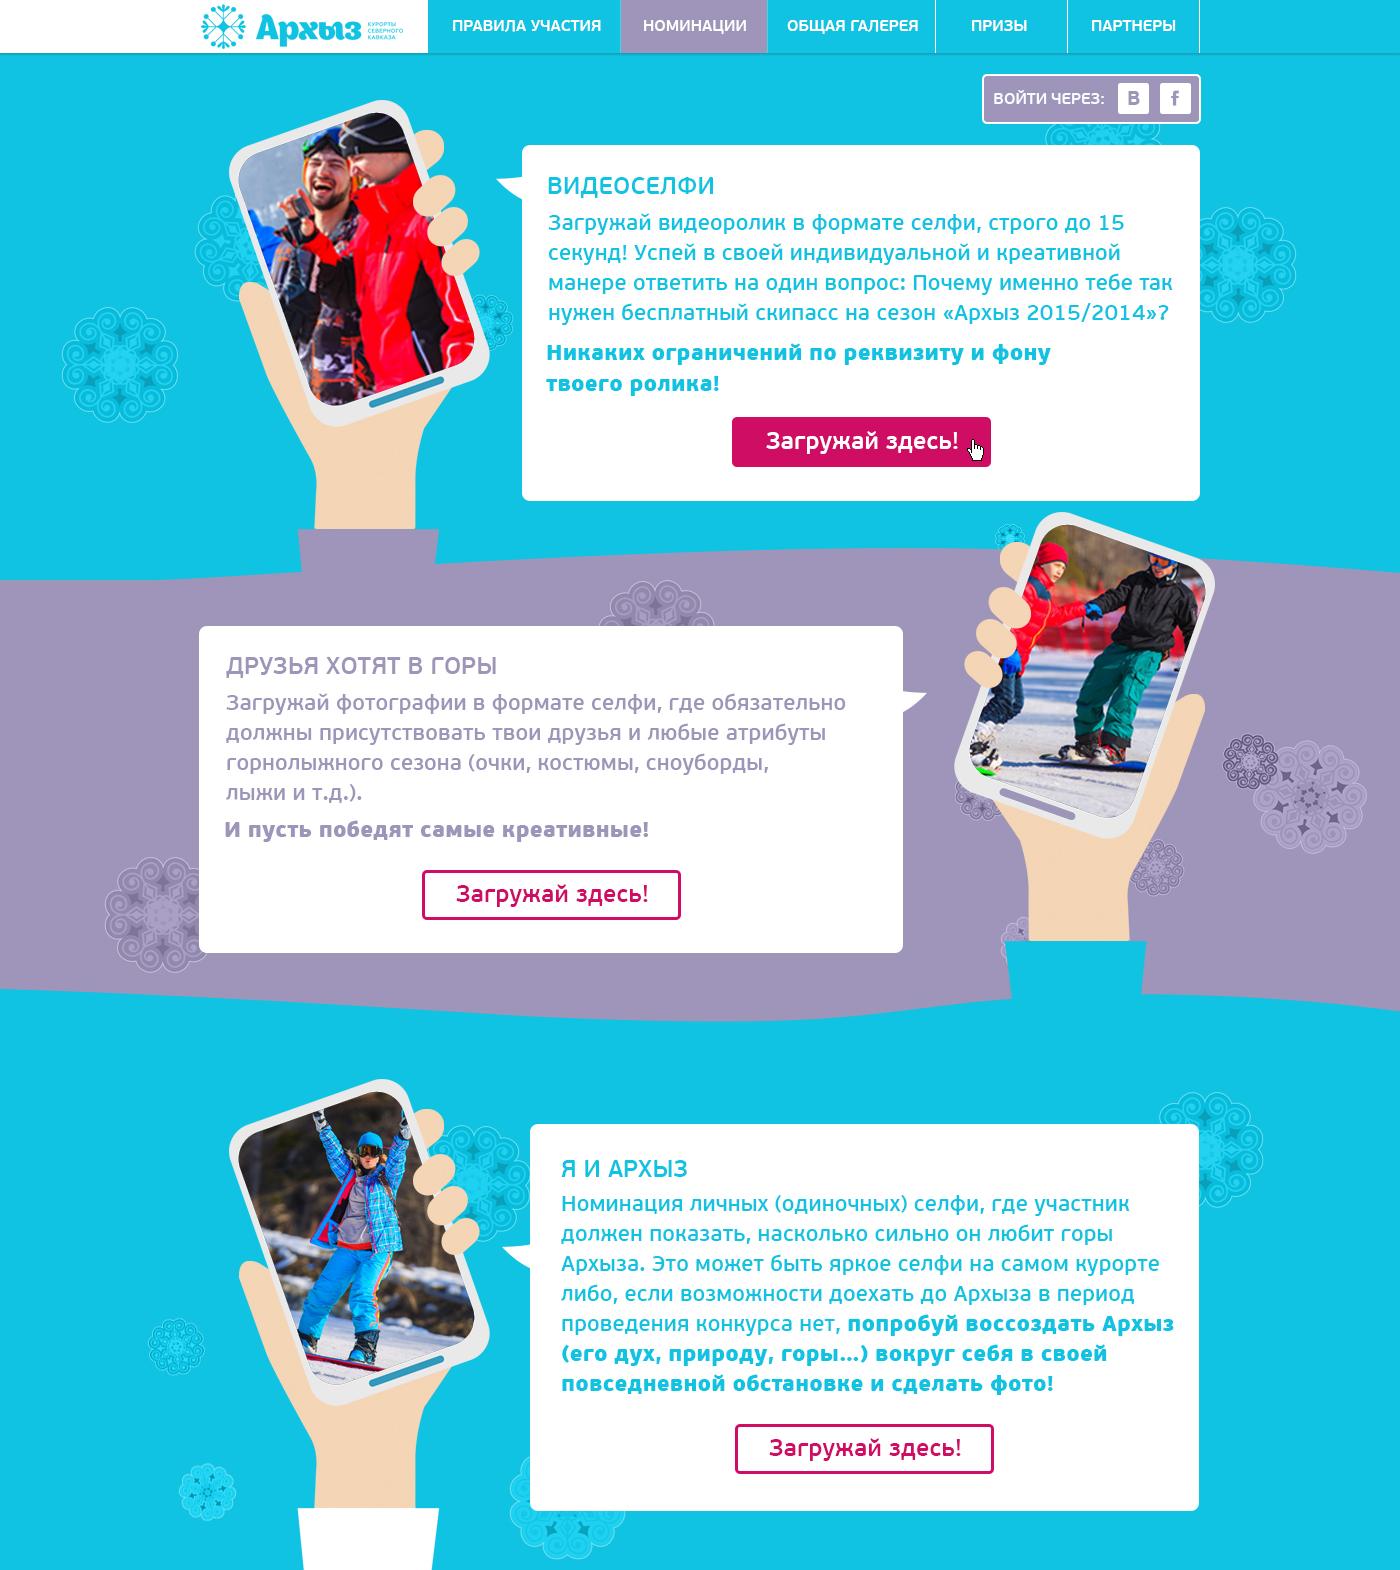 Разработка дизайна внутренних страниц для промоконкурса Селфи на Архызе